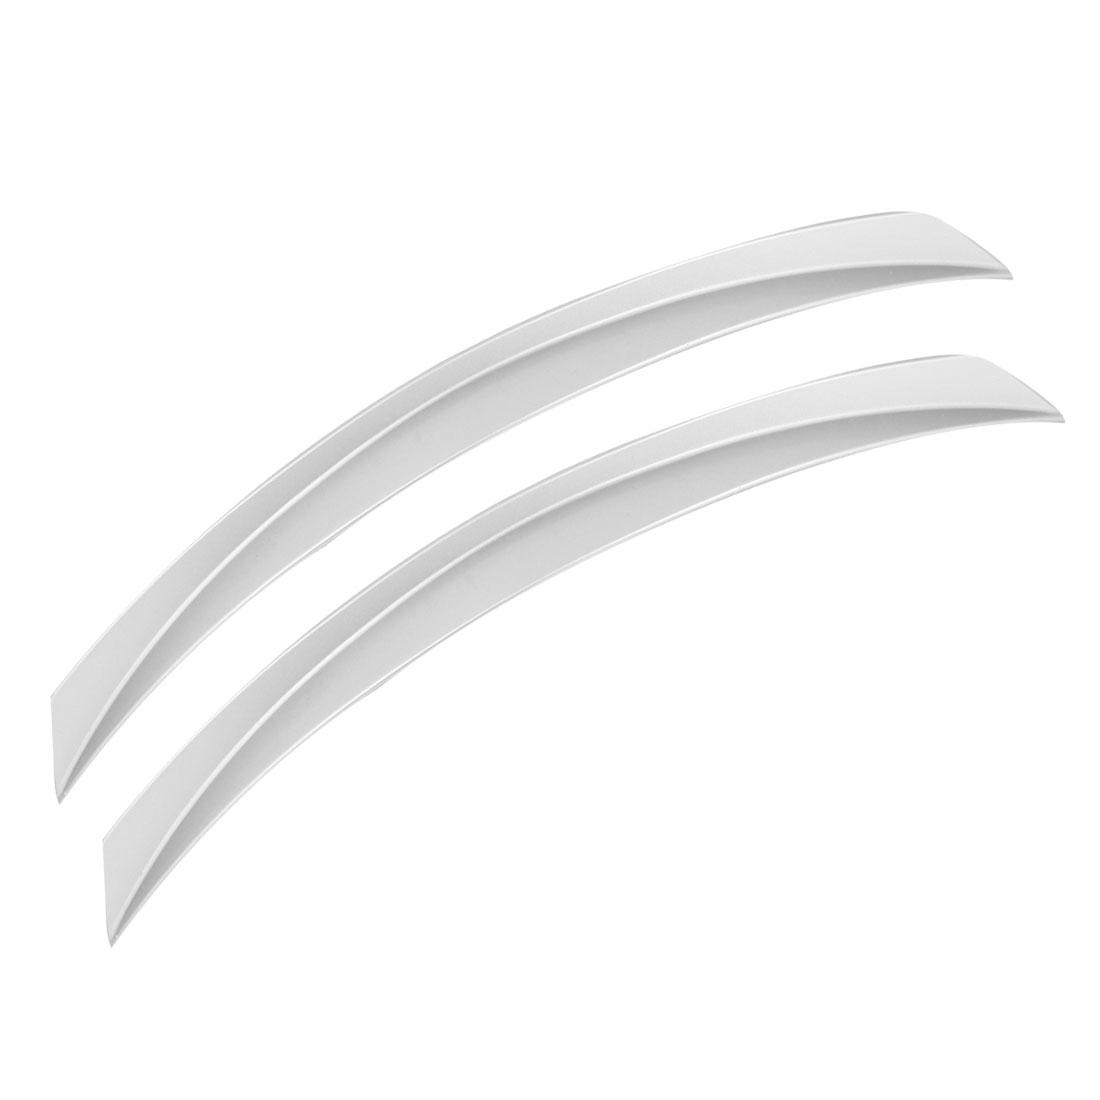 Truck Car Decorative Wheel Arch Eyebrow Strip Decor Silver Gray 2 Pieces